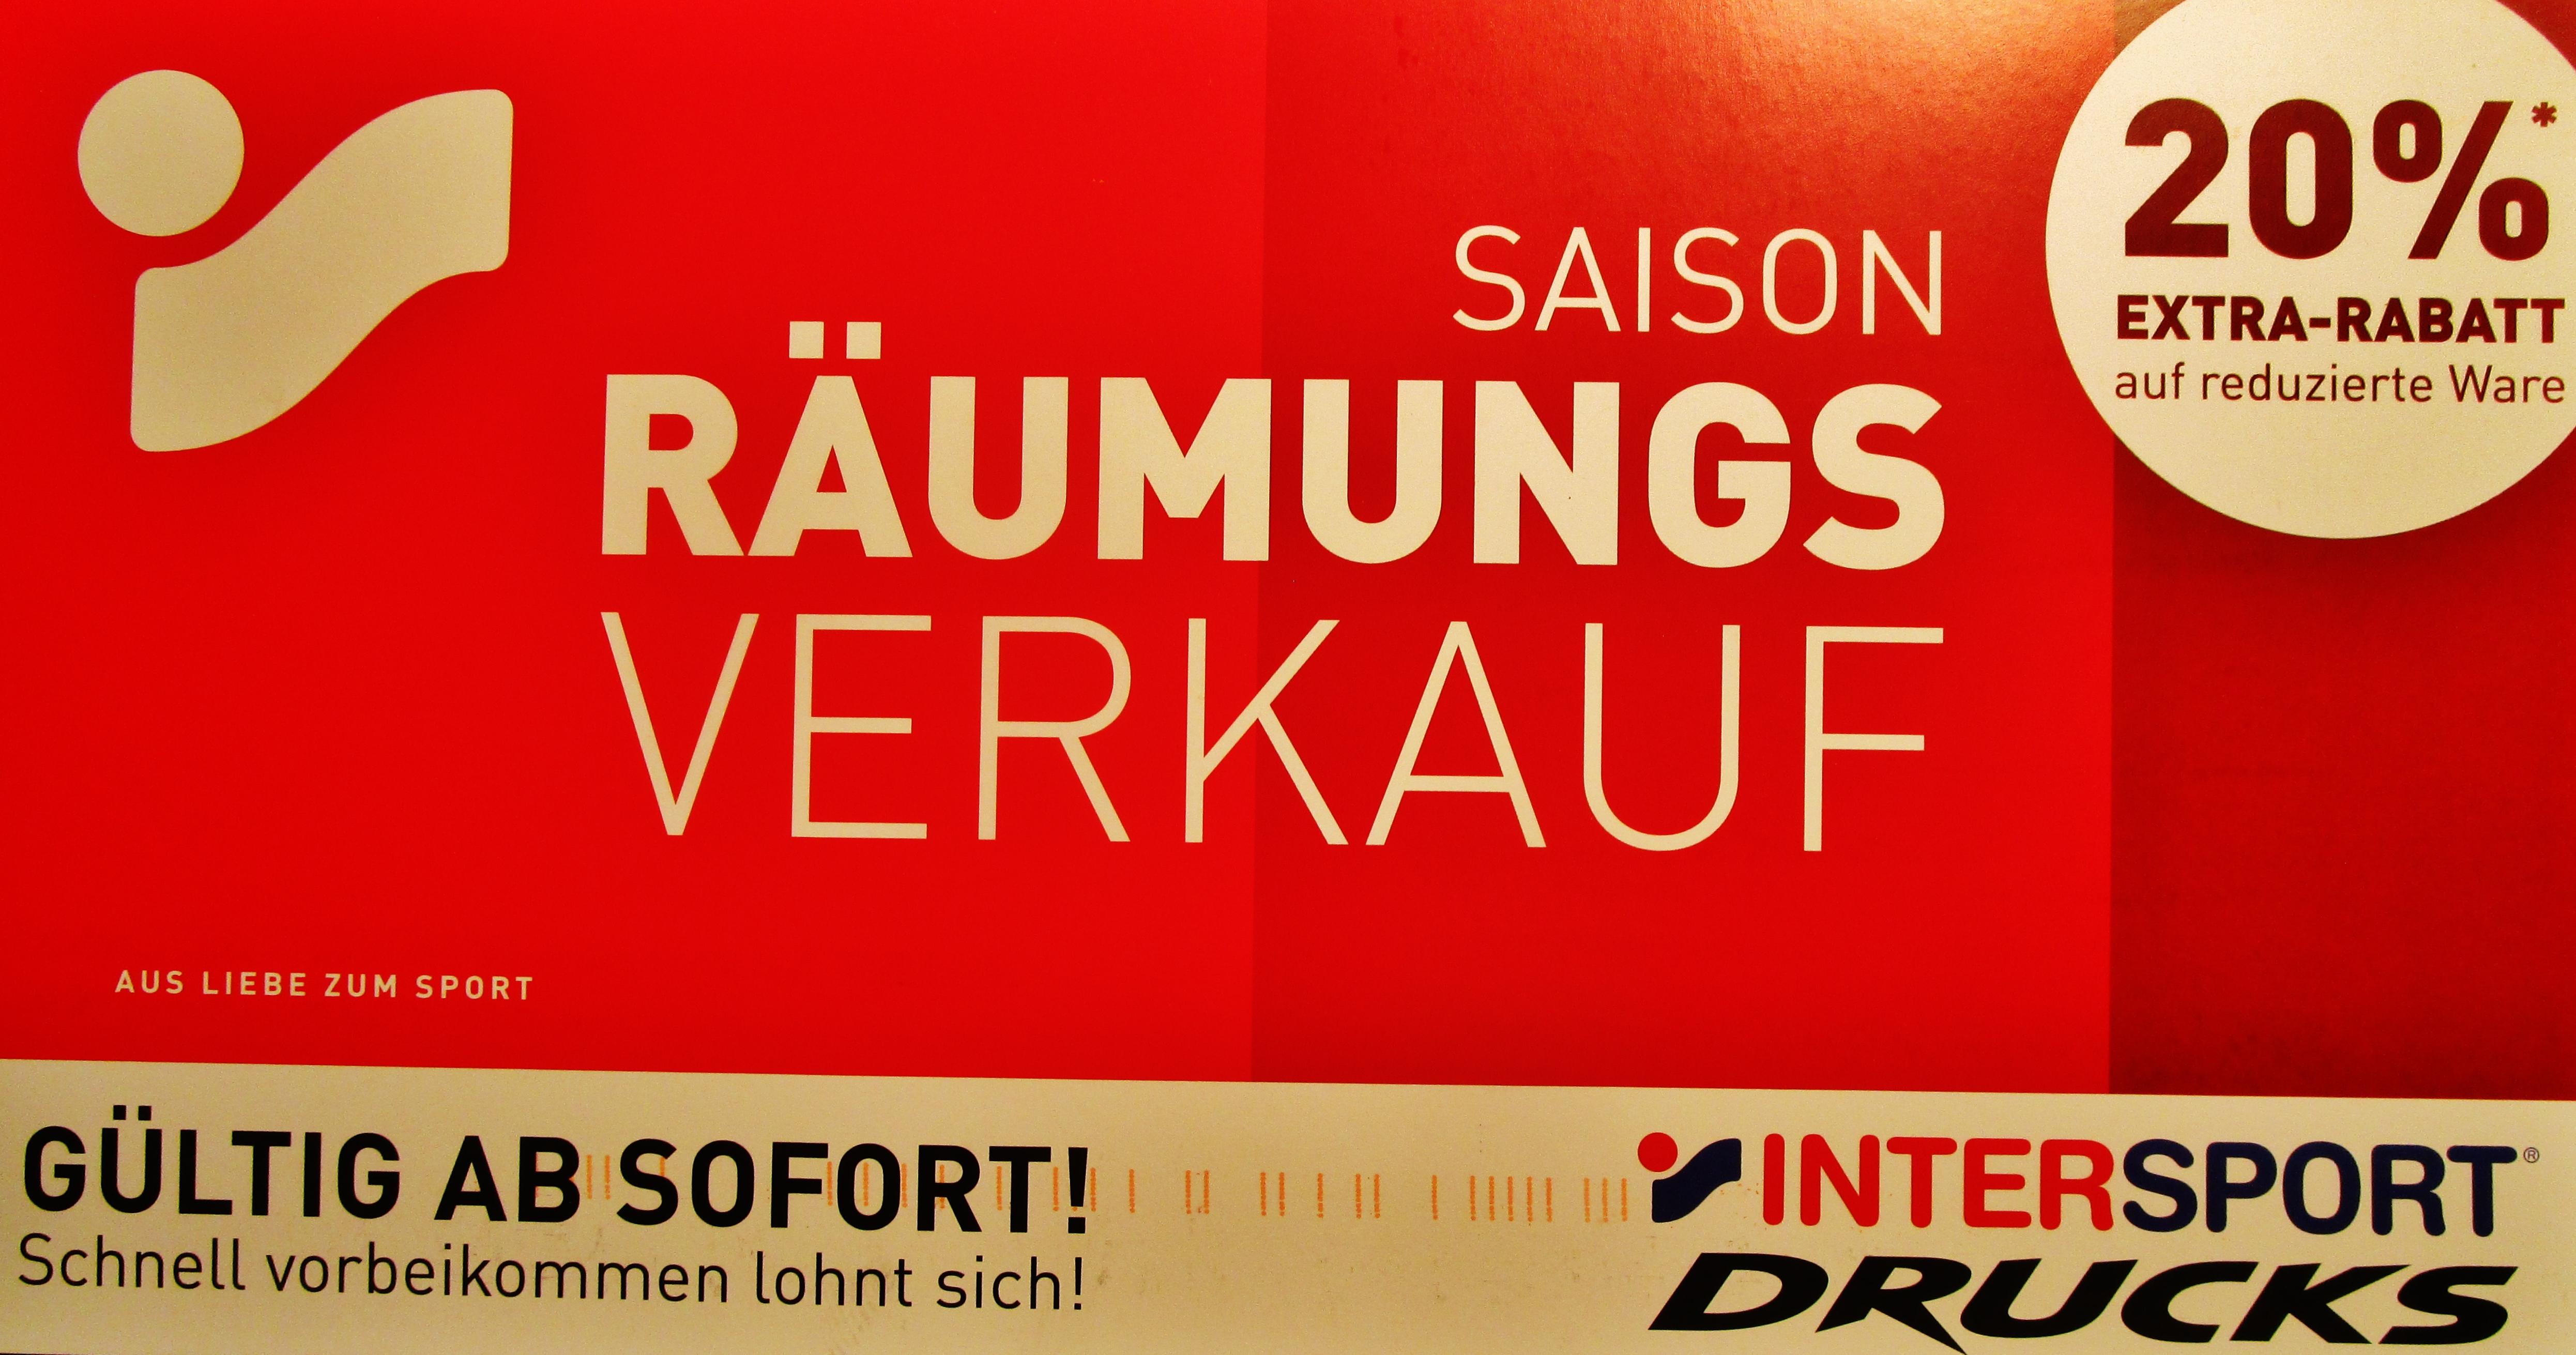 Aachen: Intersport Drucks Räumungsverkauf